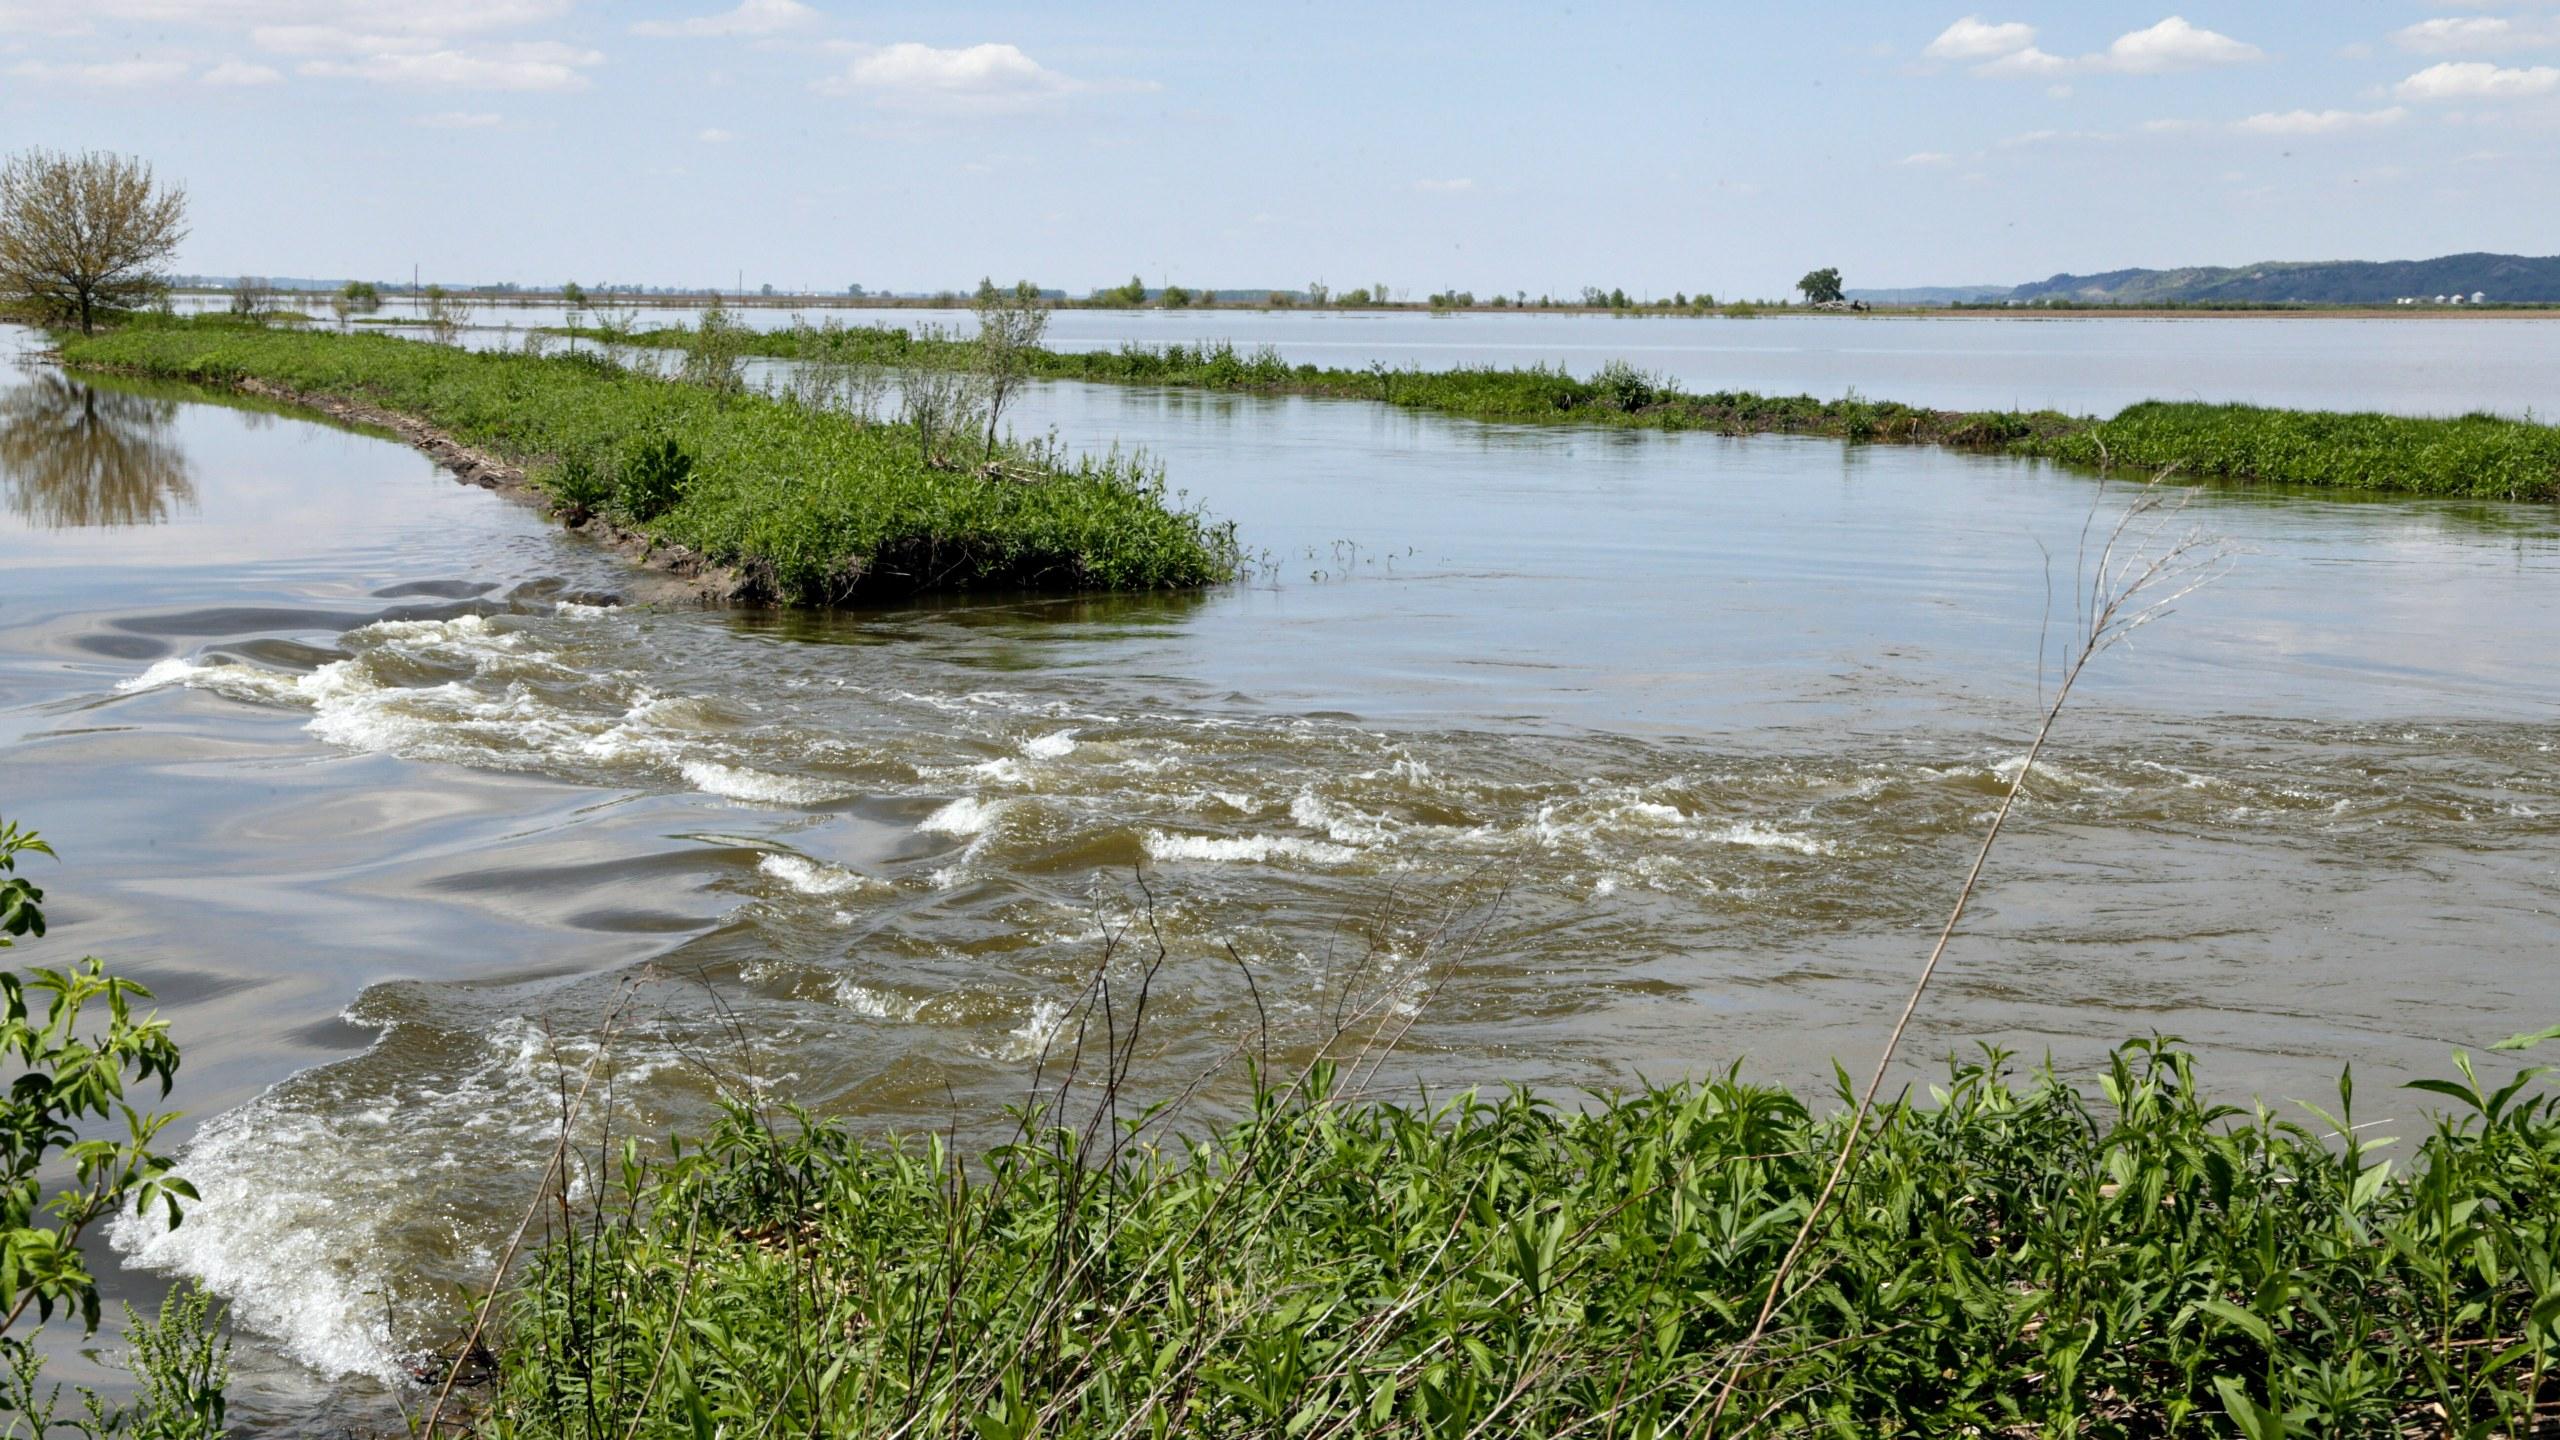 Spring_Flooding_Levee_Repairs_09224-159532.jpg00338347